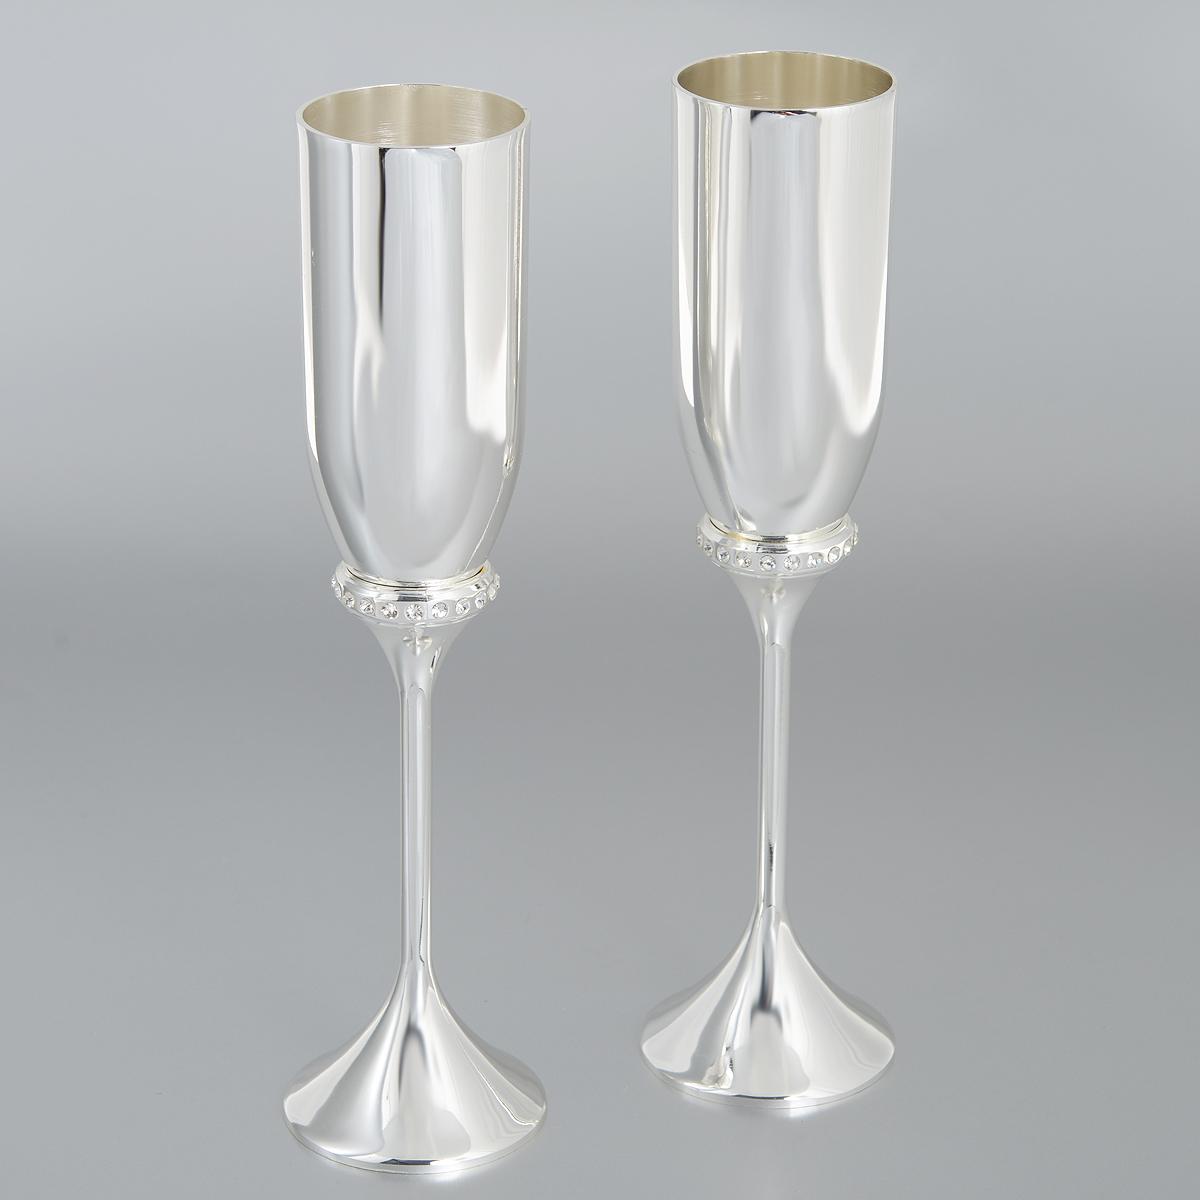 Набор бокалов Marquis, 2 шт. 7063-MRVT-1520(SR)Набор Marquis состоит из двух бокалов на высоких ножках с зеркальной полировкой. Бокалы выполнены из стали с серебряно-никелевым покрытием и украшены белыми стразами. Бокалы идеально подойдут для шампанского. Набор станет прекрасным дополнением романтического вечера. Изысканные изделия необычного оформления понравятся и ценителям классики, и тем, кто предпочитает утонченность и изысканность.